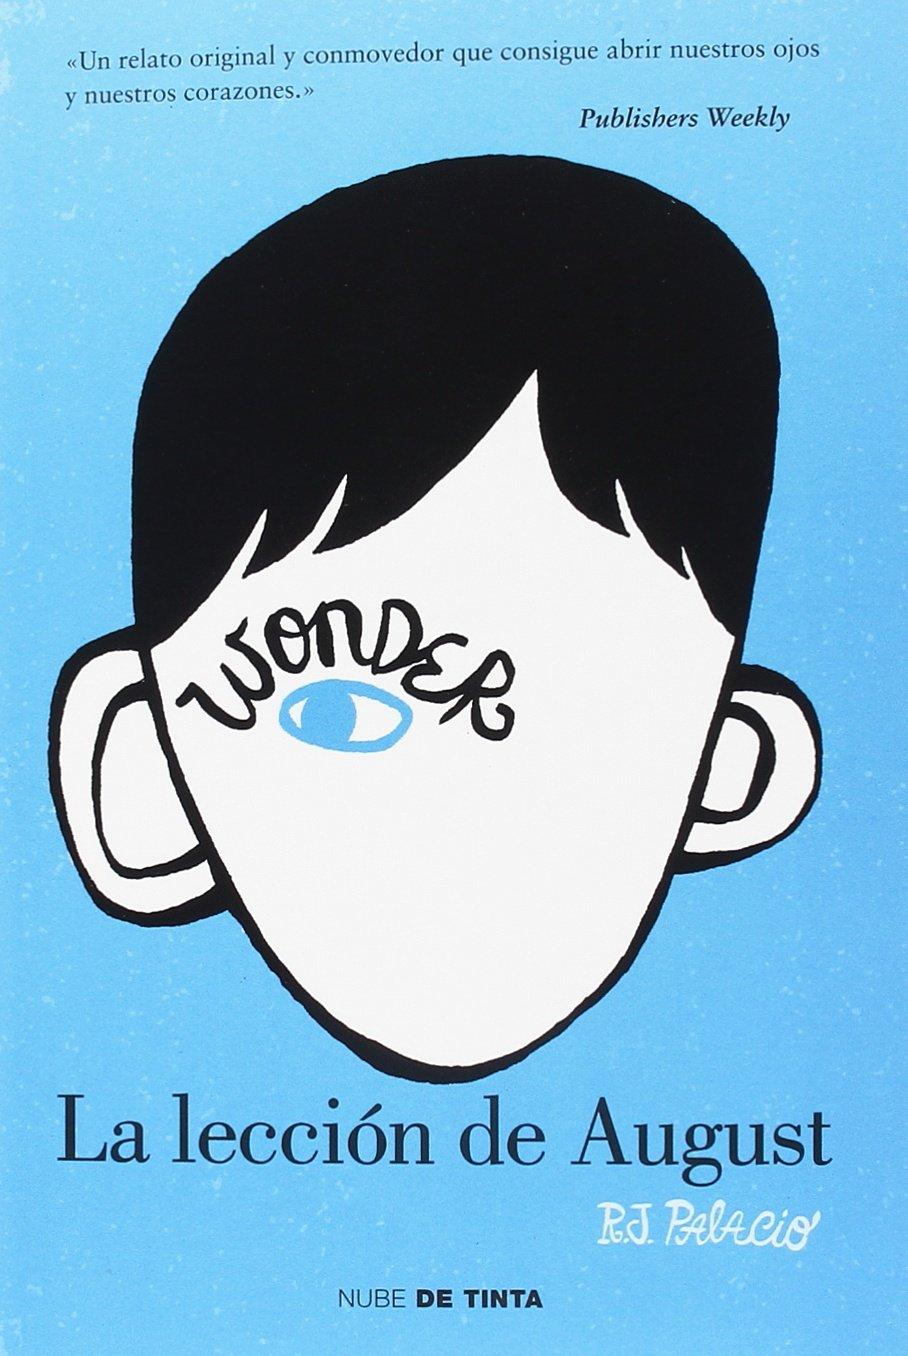 wonder-la-leccion-de-august